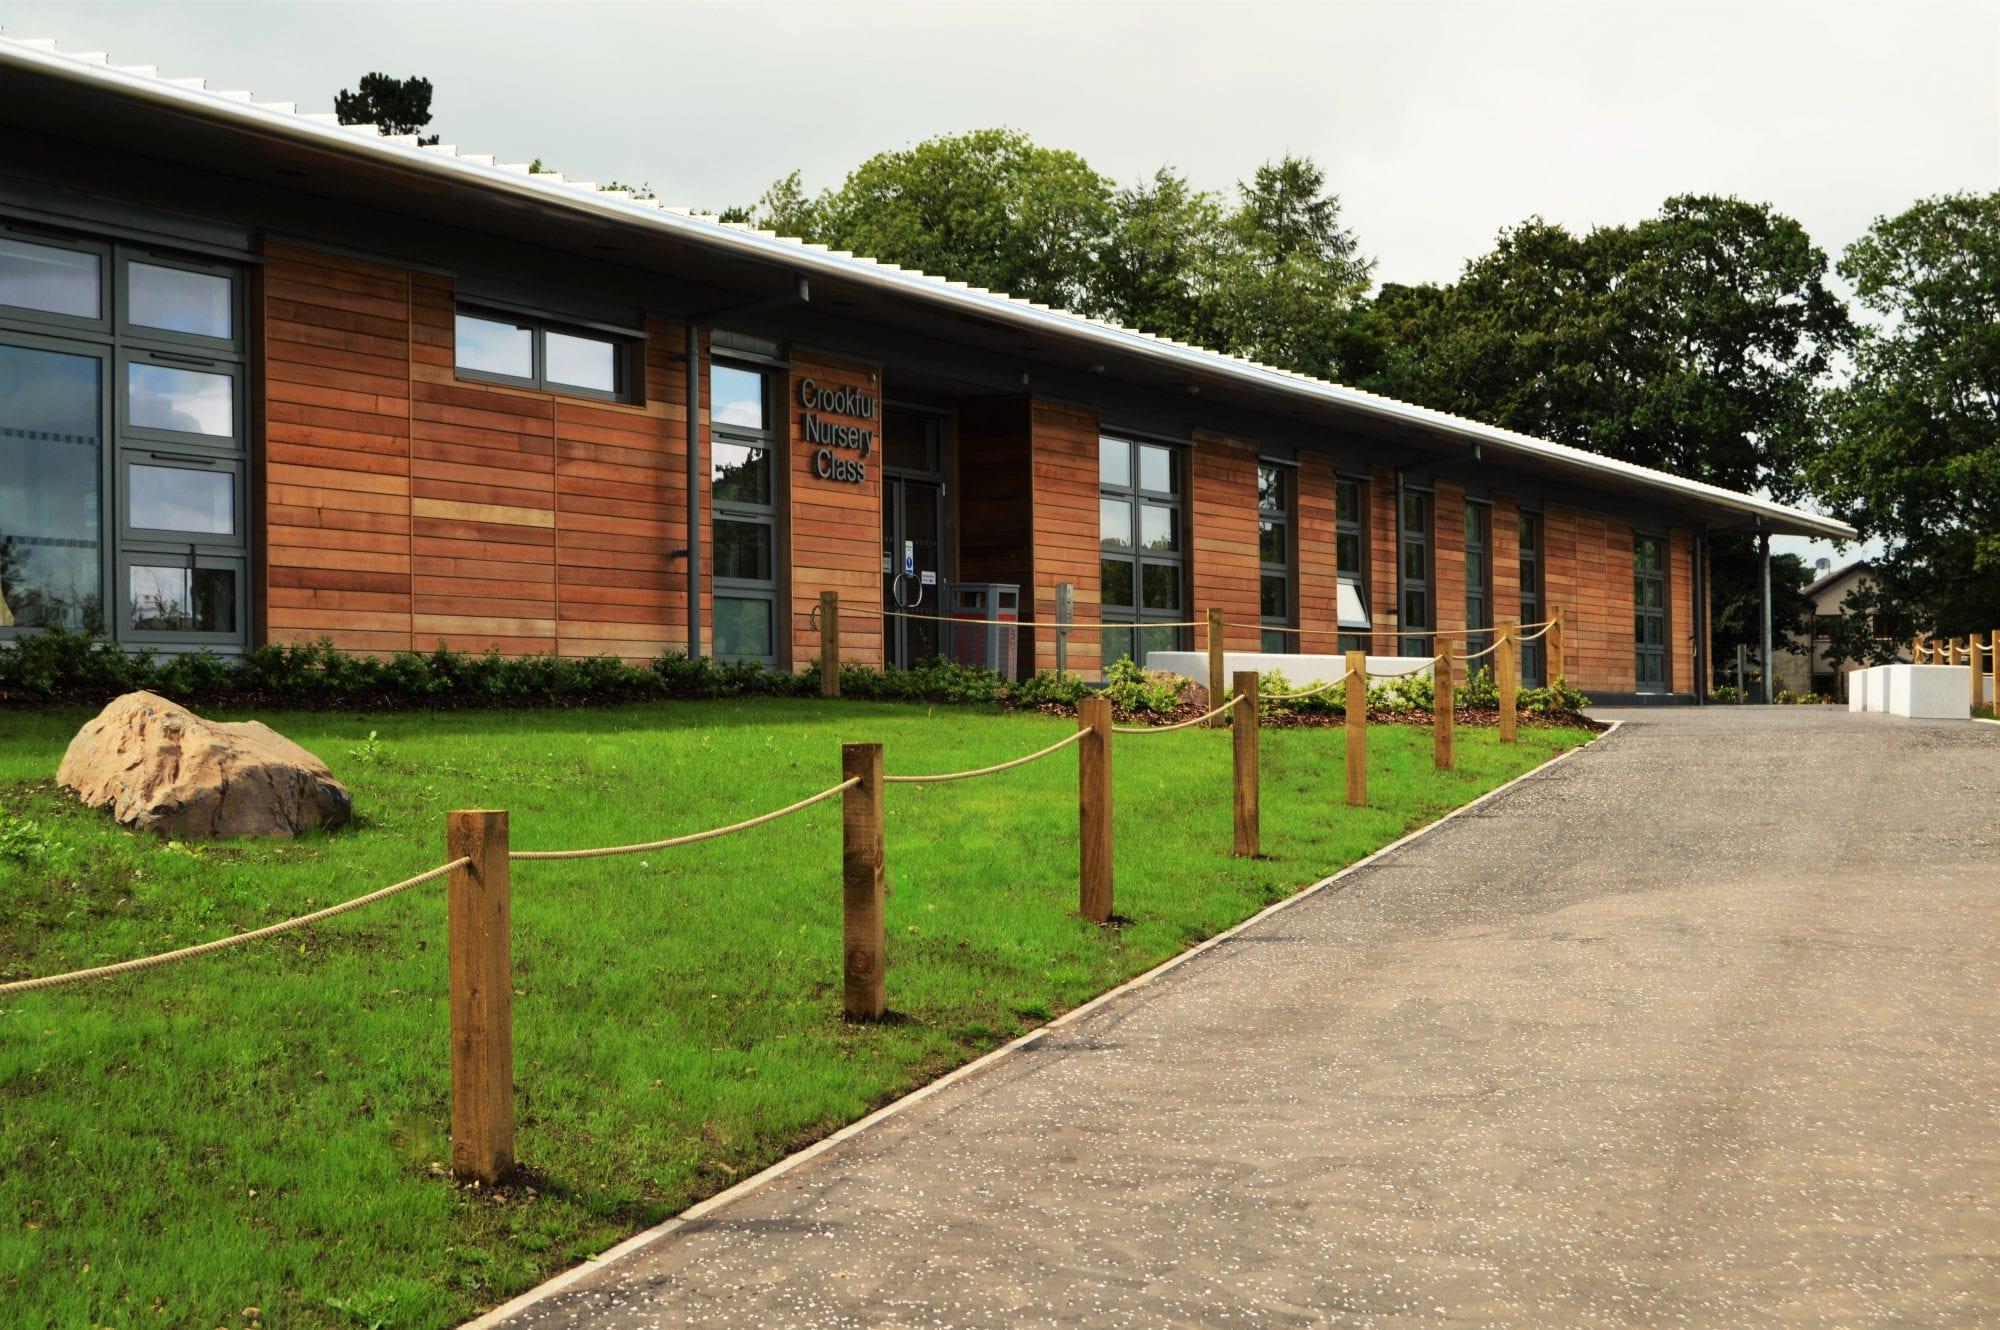 Crookfur Primary School & Nursery